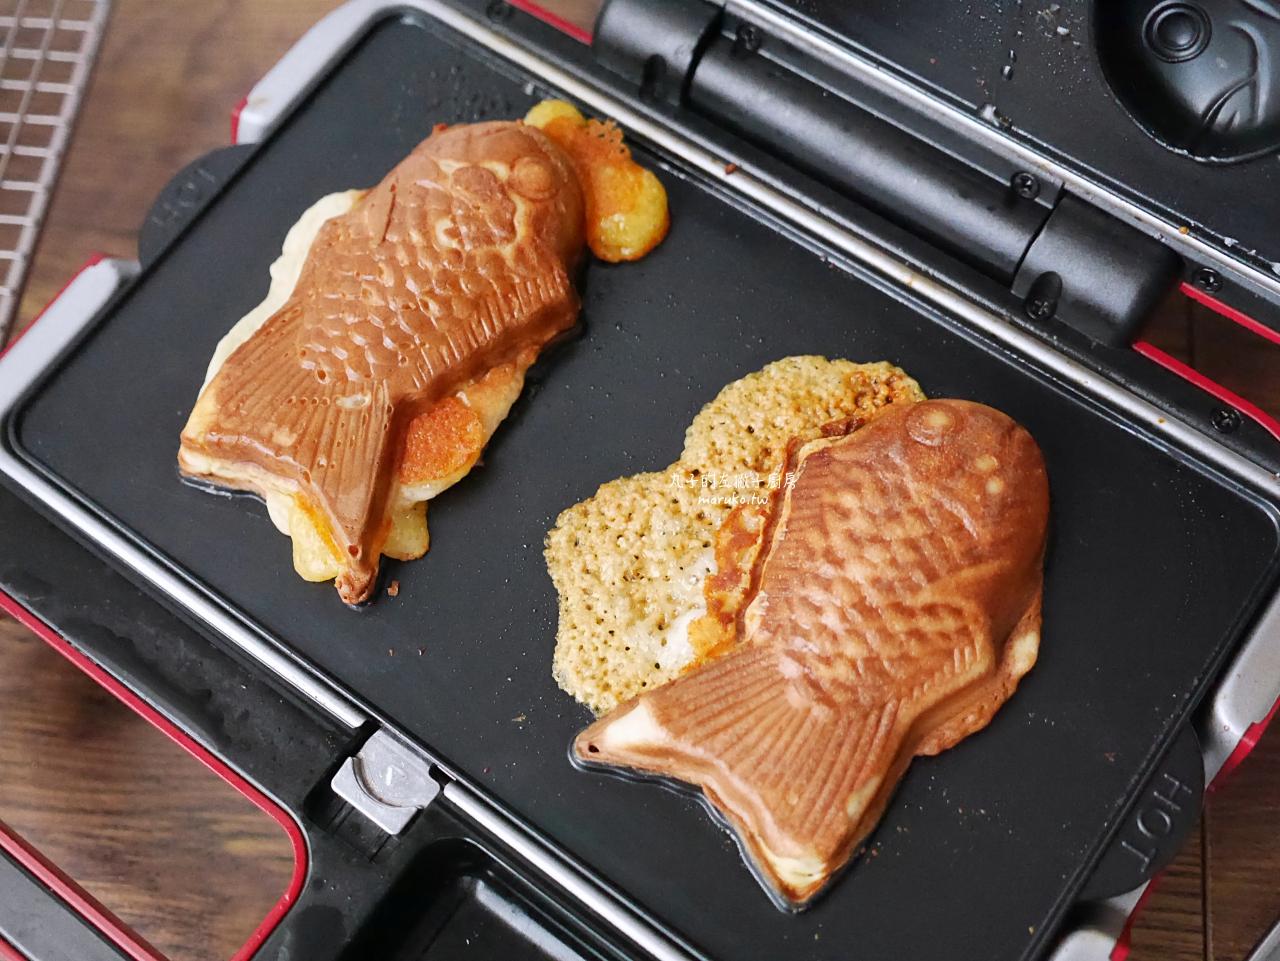 【食譜】起司鯛魚燒 麻糬感起司鯛魚燒 多一種食材就能完成 鯛魚燒烤盤 鬆餅機食譜 @Maruko與美食有個約會